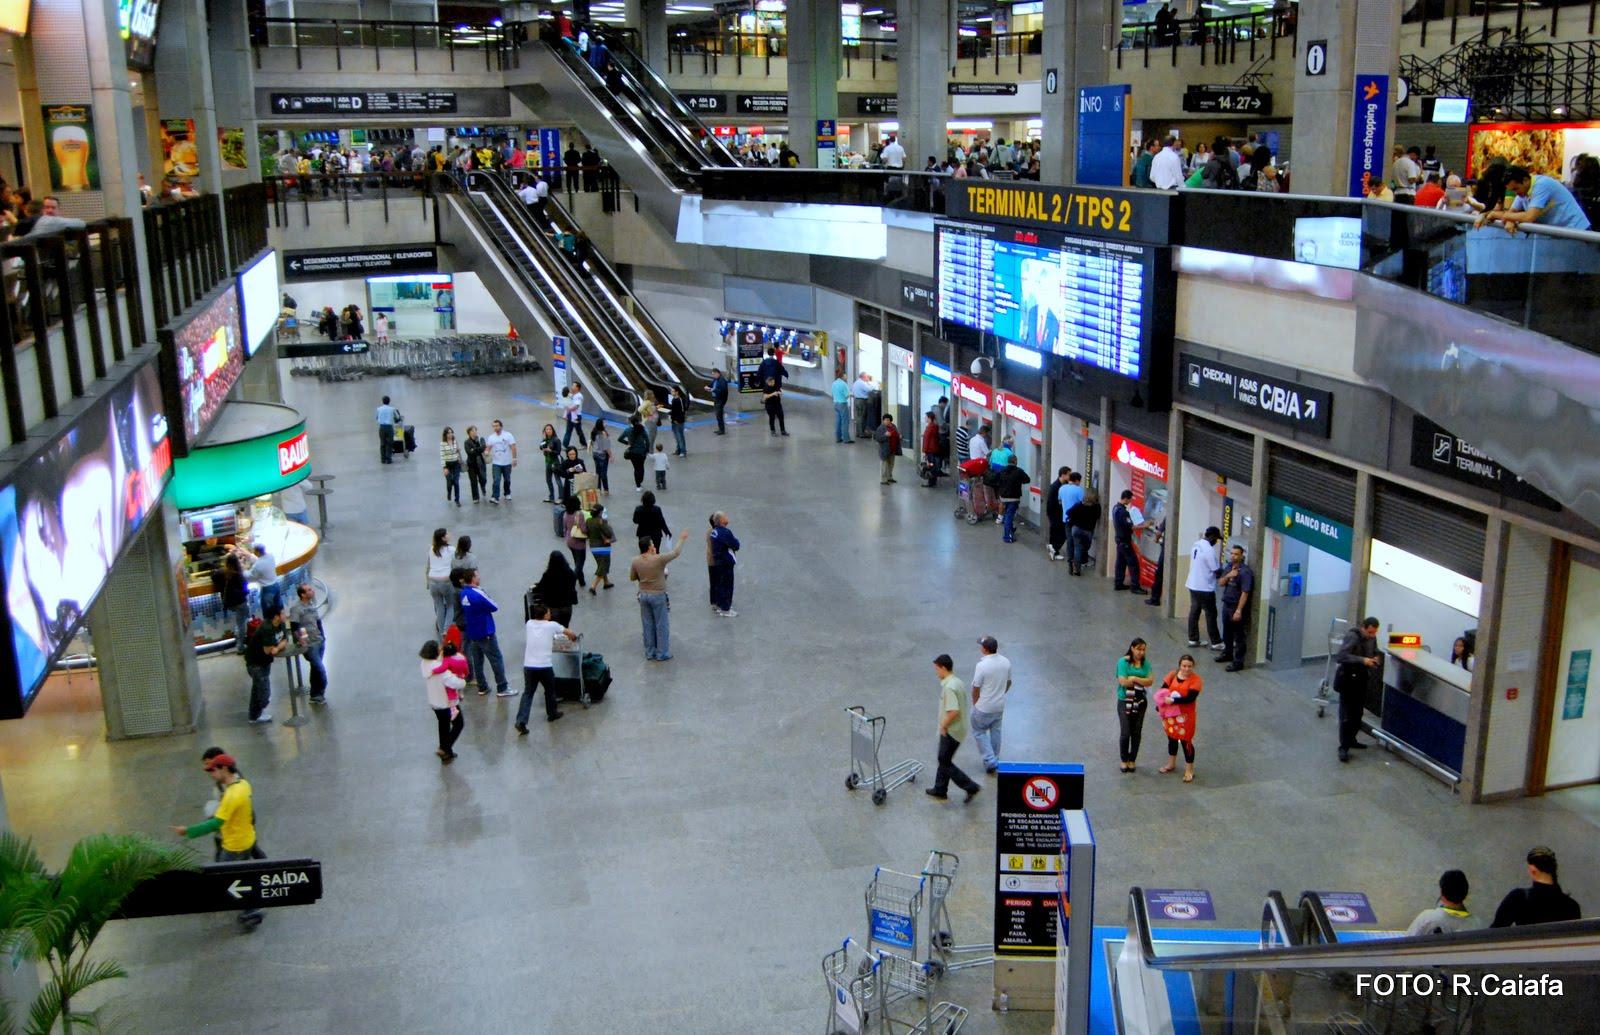 Aeroporto Guarulhos : Aeroporto internacional de guarulhos sp